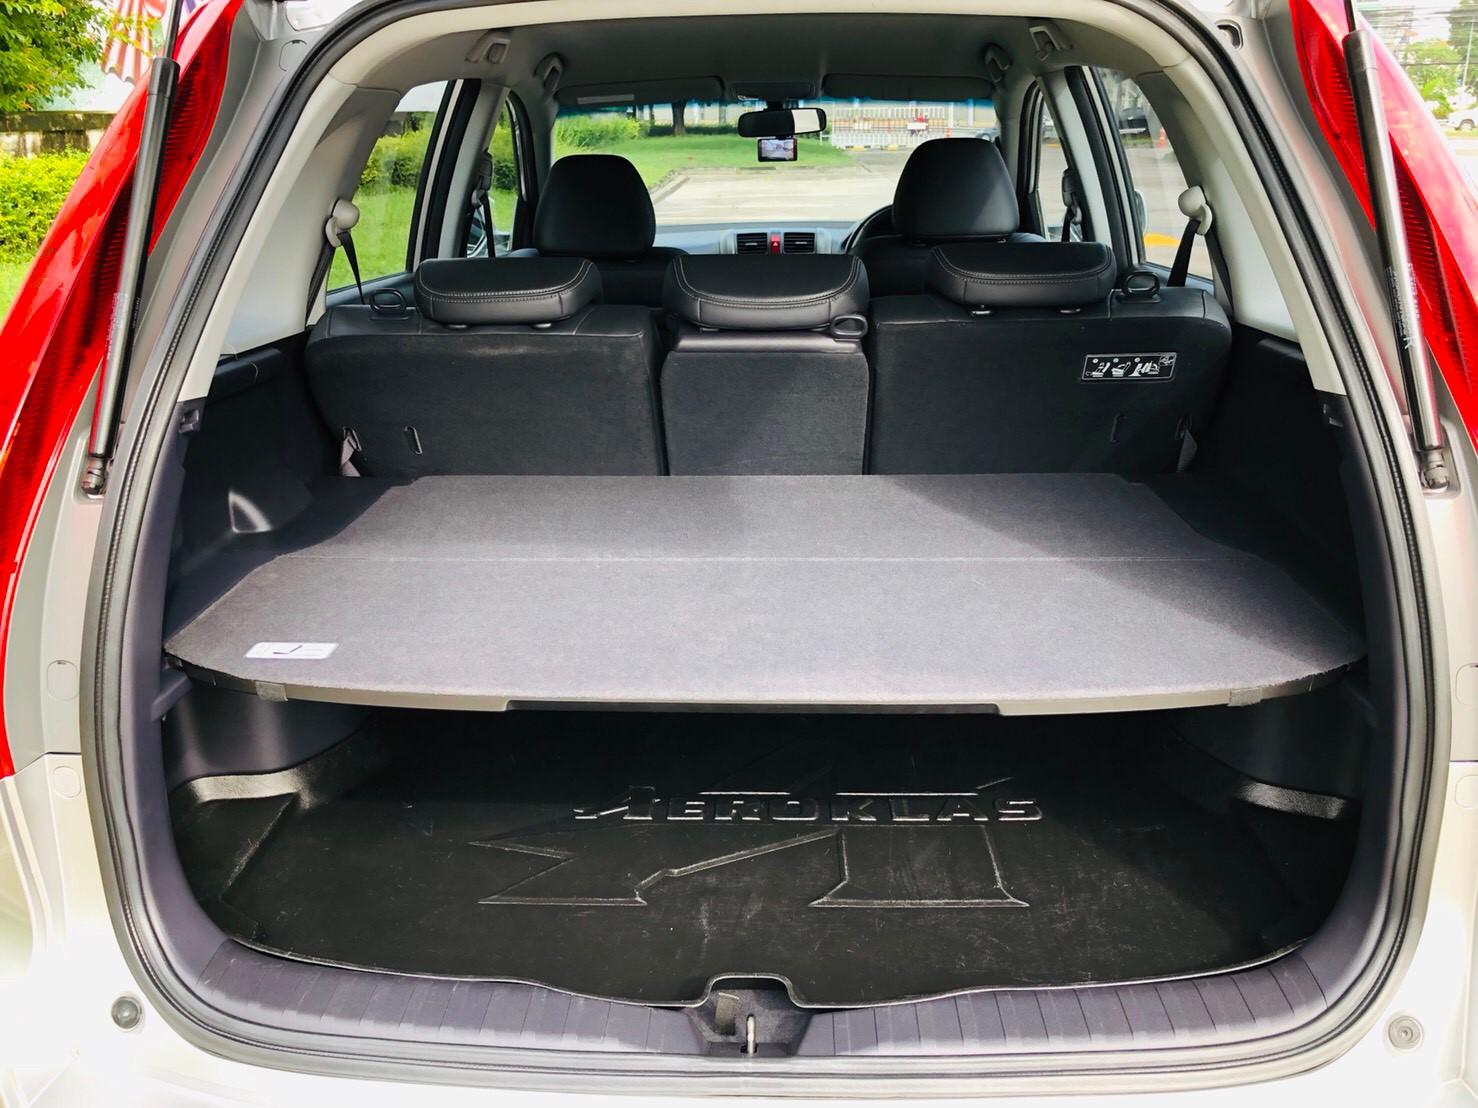 ภาพท้ายรถ ฮอนด้า ซีอาร์-วี 2.0 E 4WD ปี 2011